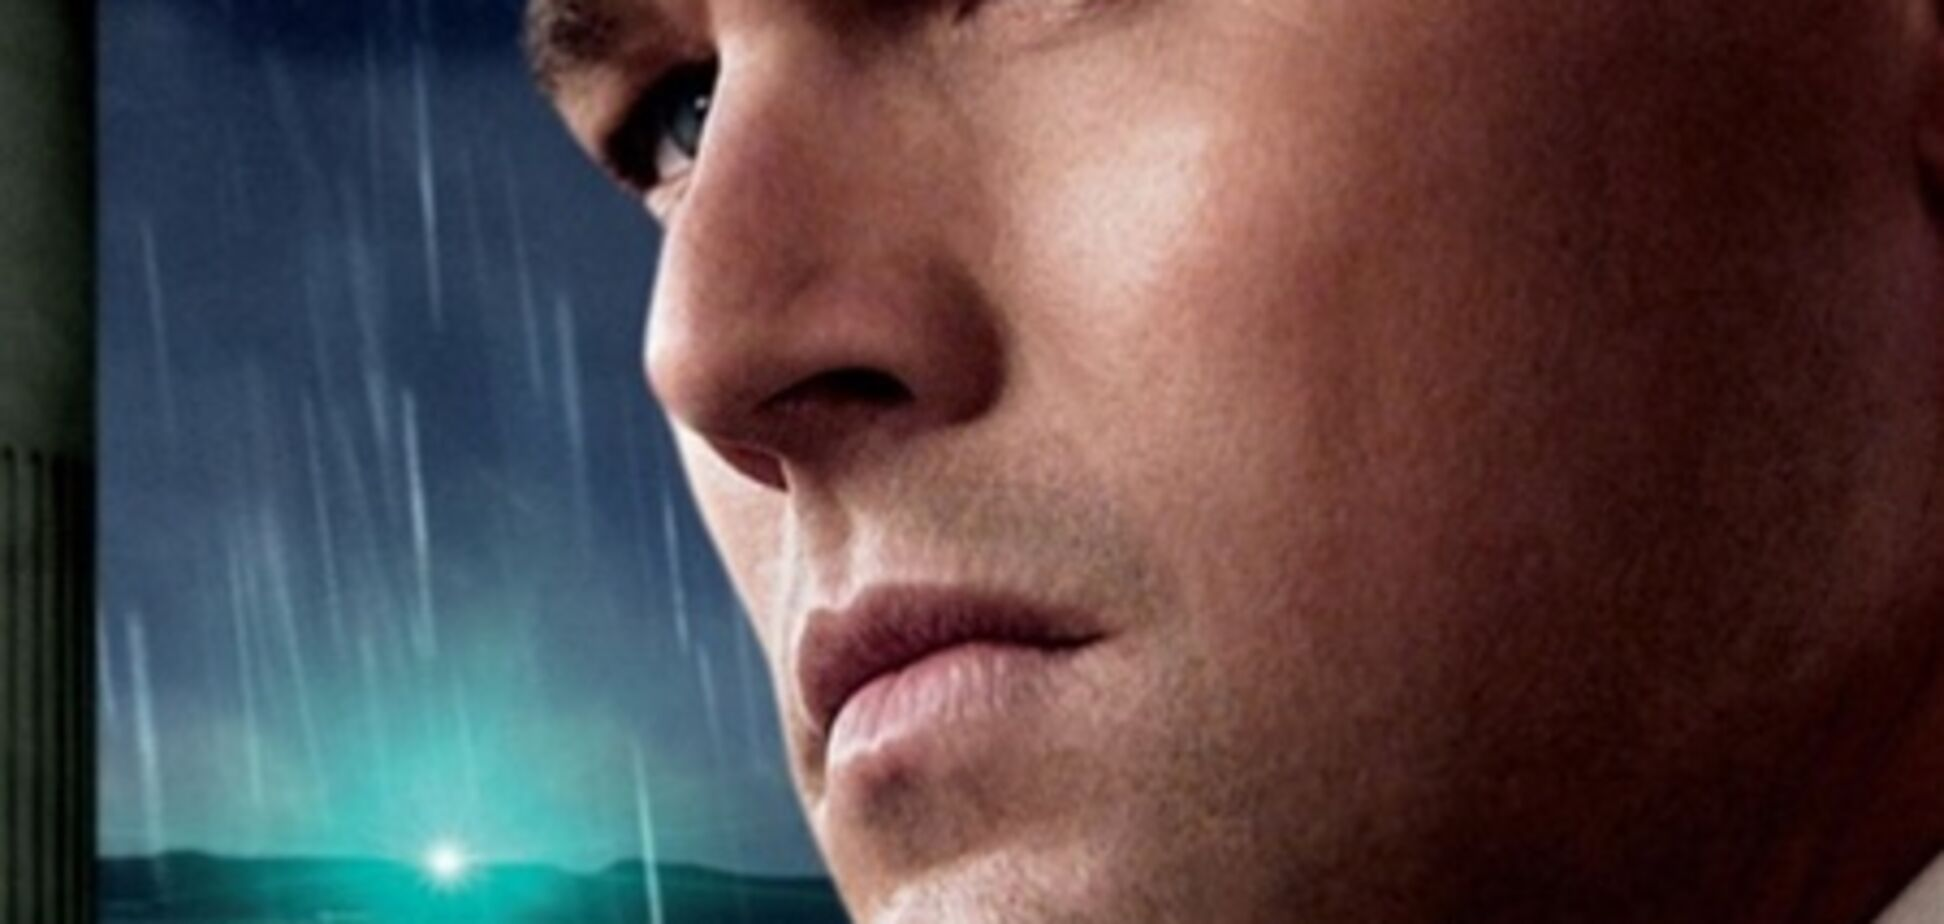 'Великий Гэтсби': новый ракурс сурового ДиКаприо